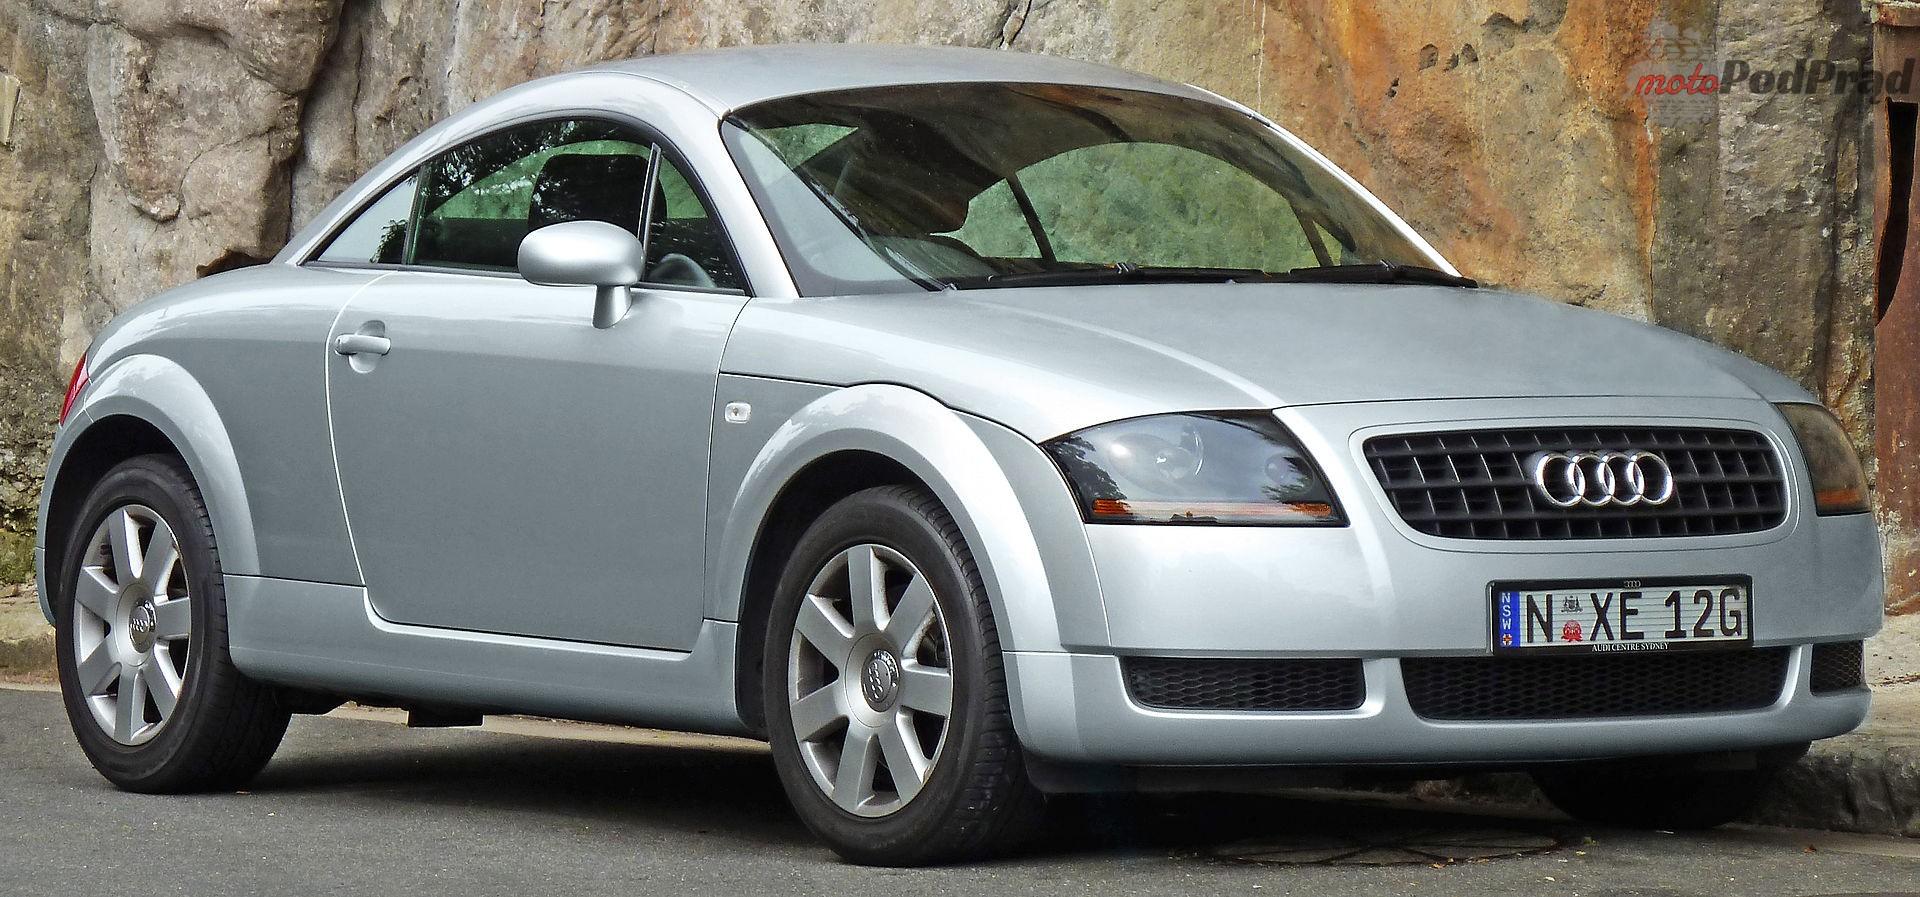 2003 2006 Audi TT 8N 1.8 T coupe 2011 11 08 01 Piękni dwudziestoletni: modele, które kończą w tym roku 20 lat